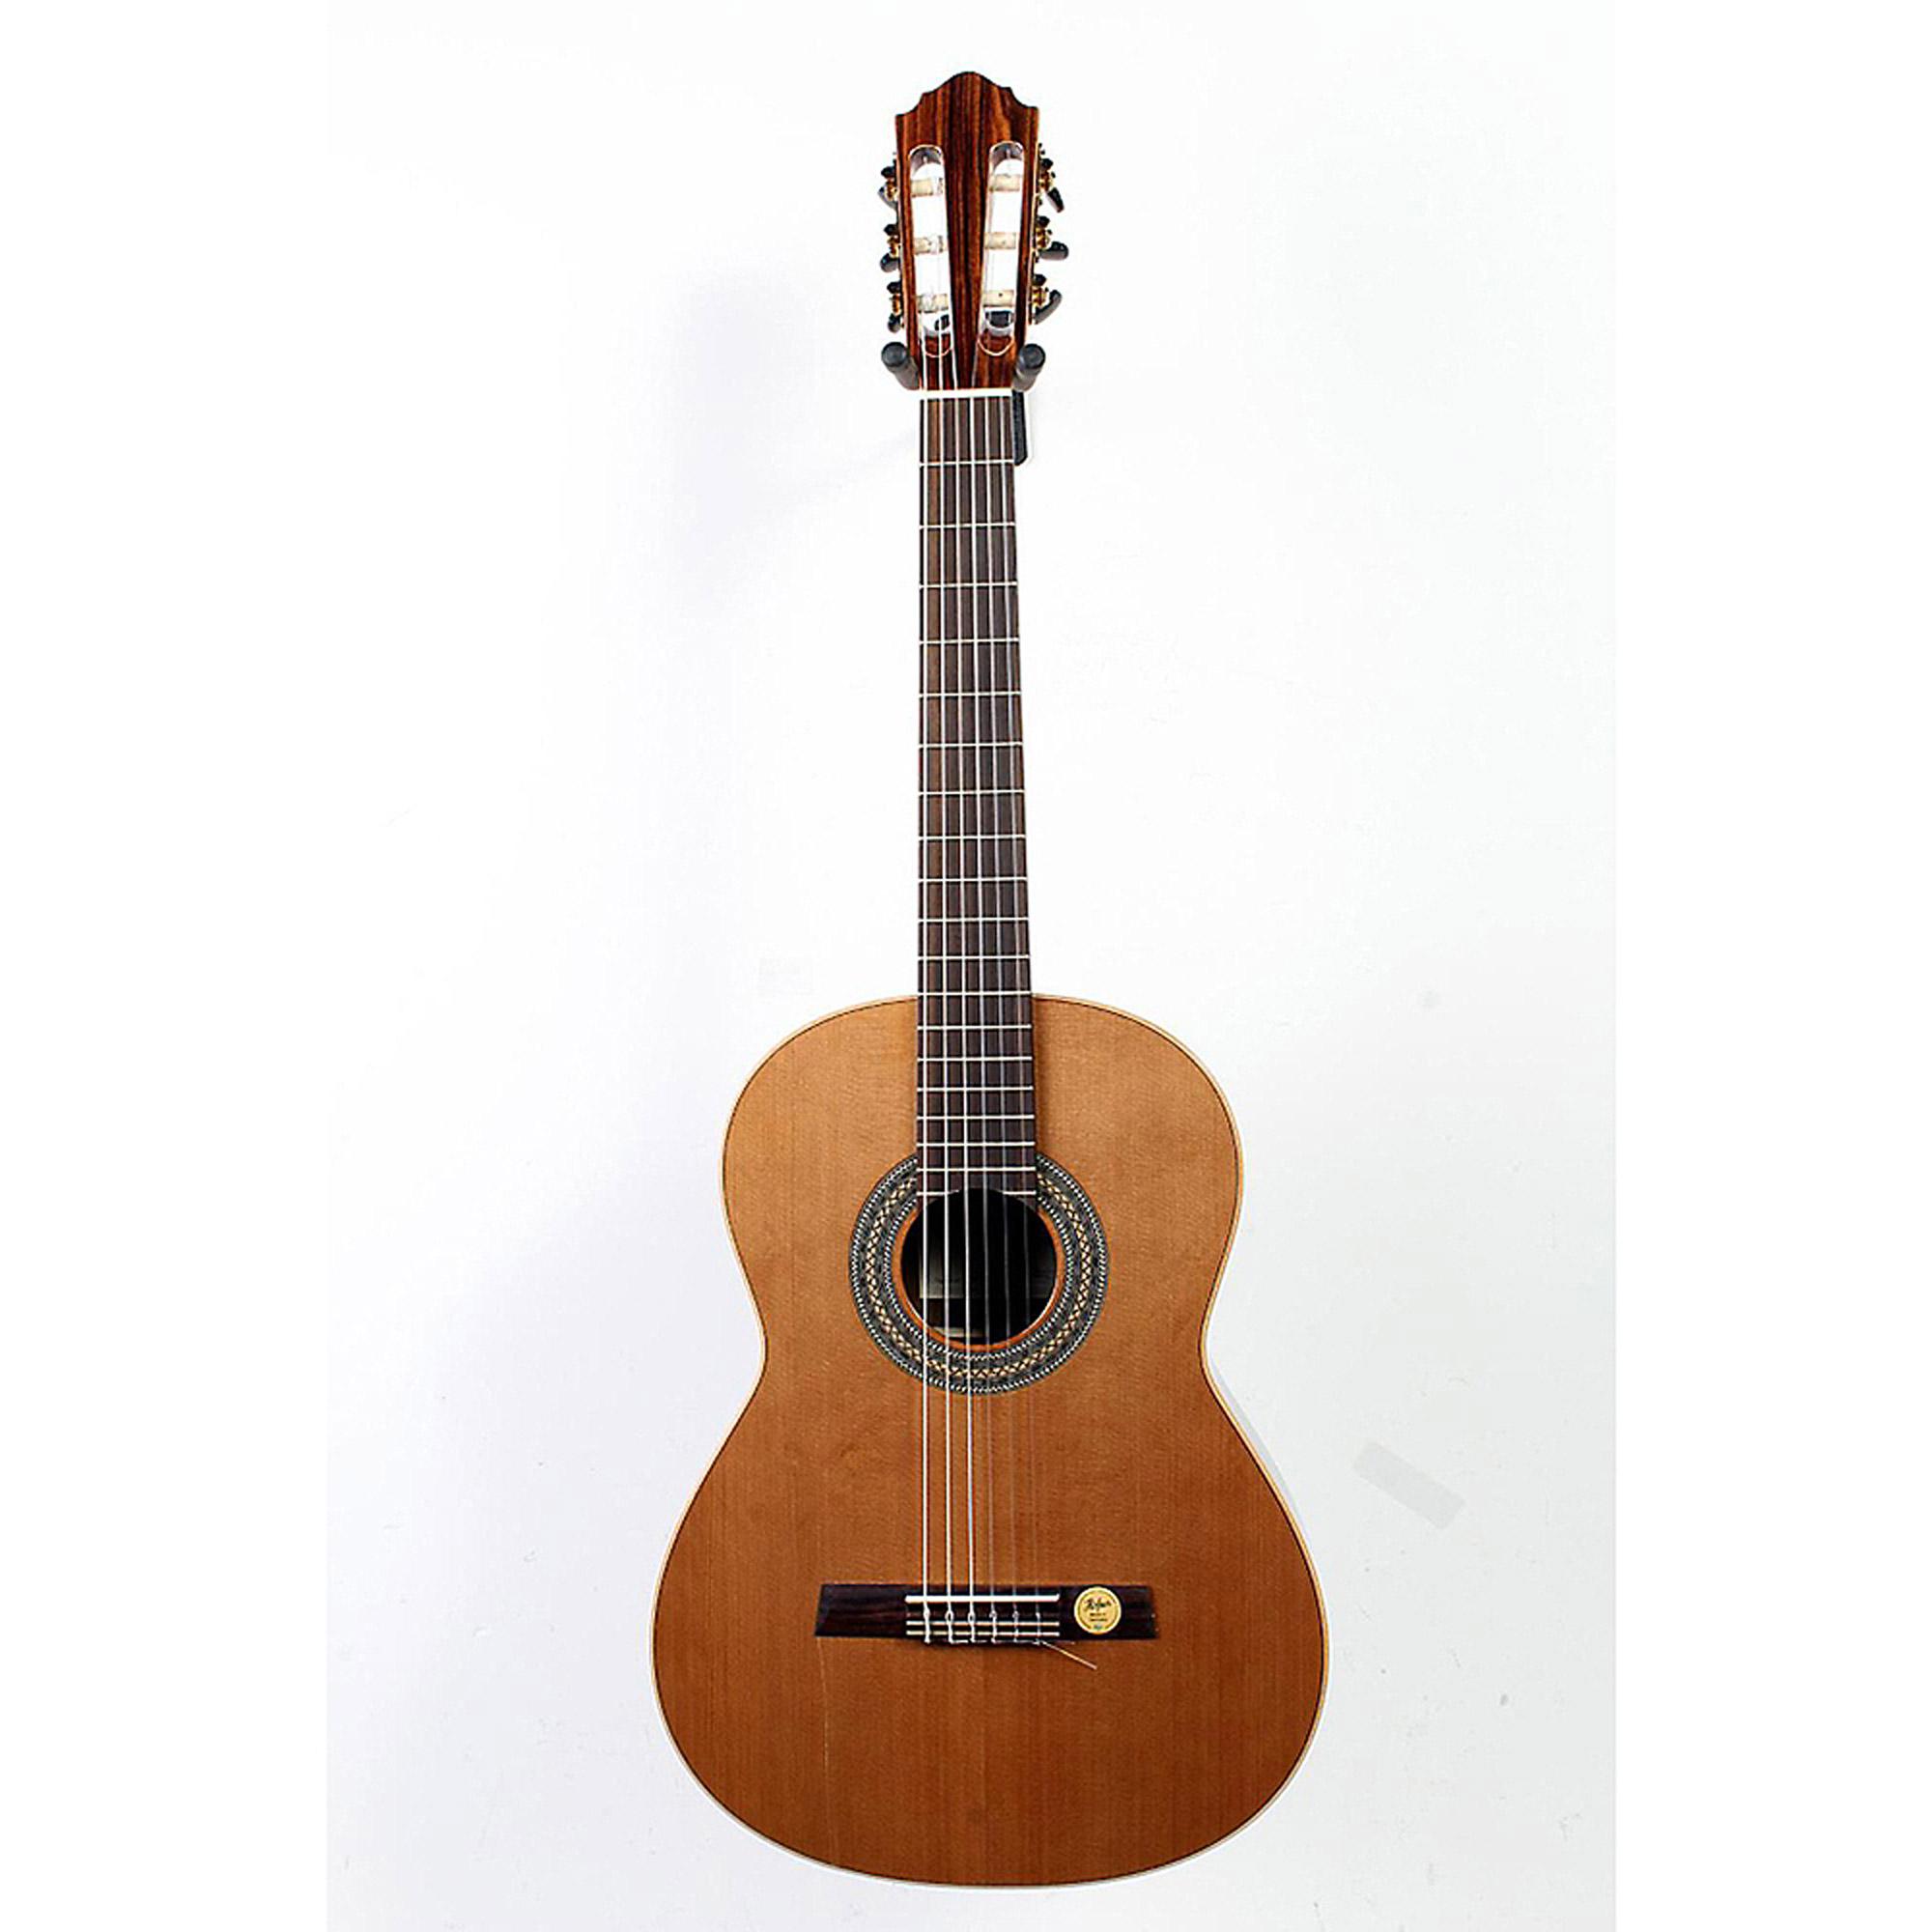 Hofner Classical Guitar Solid Cedar Top by Hofner